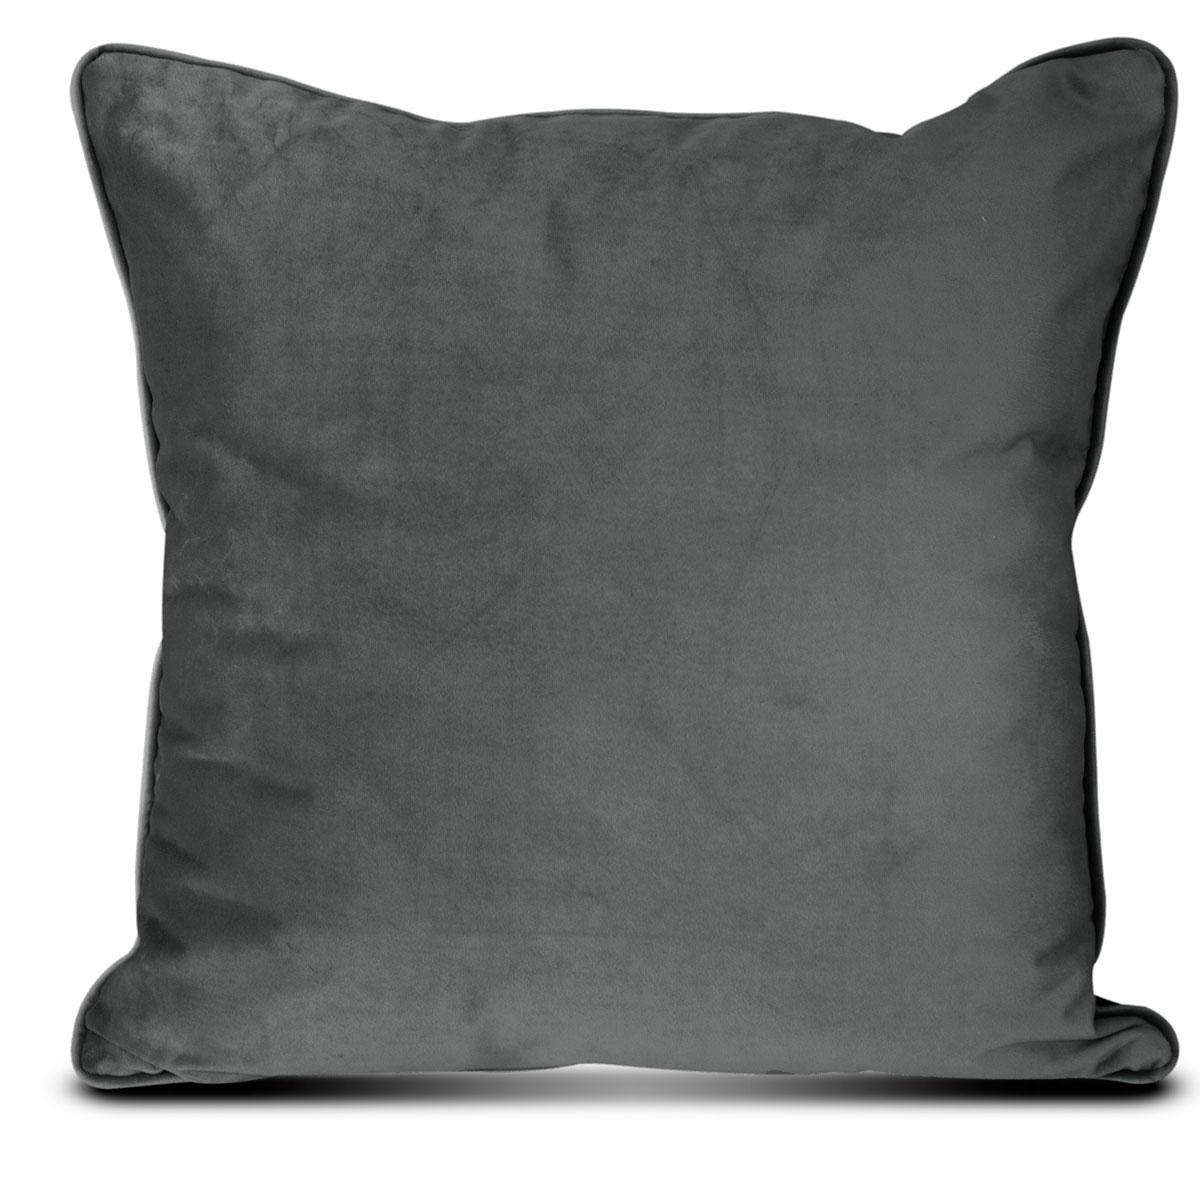 Διακοσμητικό Μαξιλάρι Βελούδινο (45×45) Elite Velour D.Grey